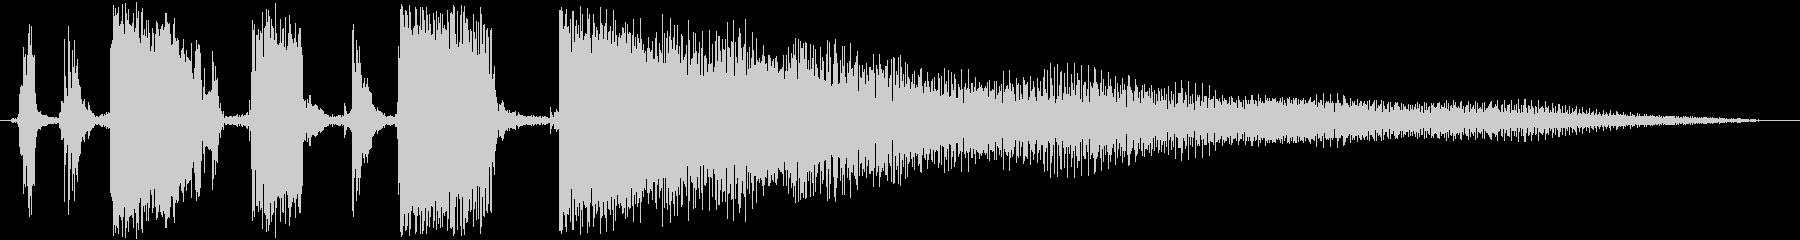 ジングル カッティングギターBの未再生の波形